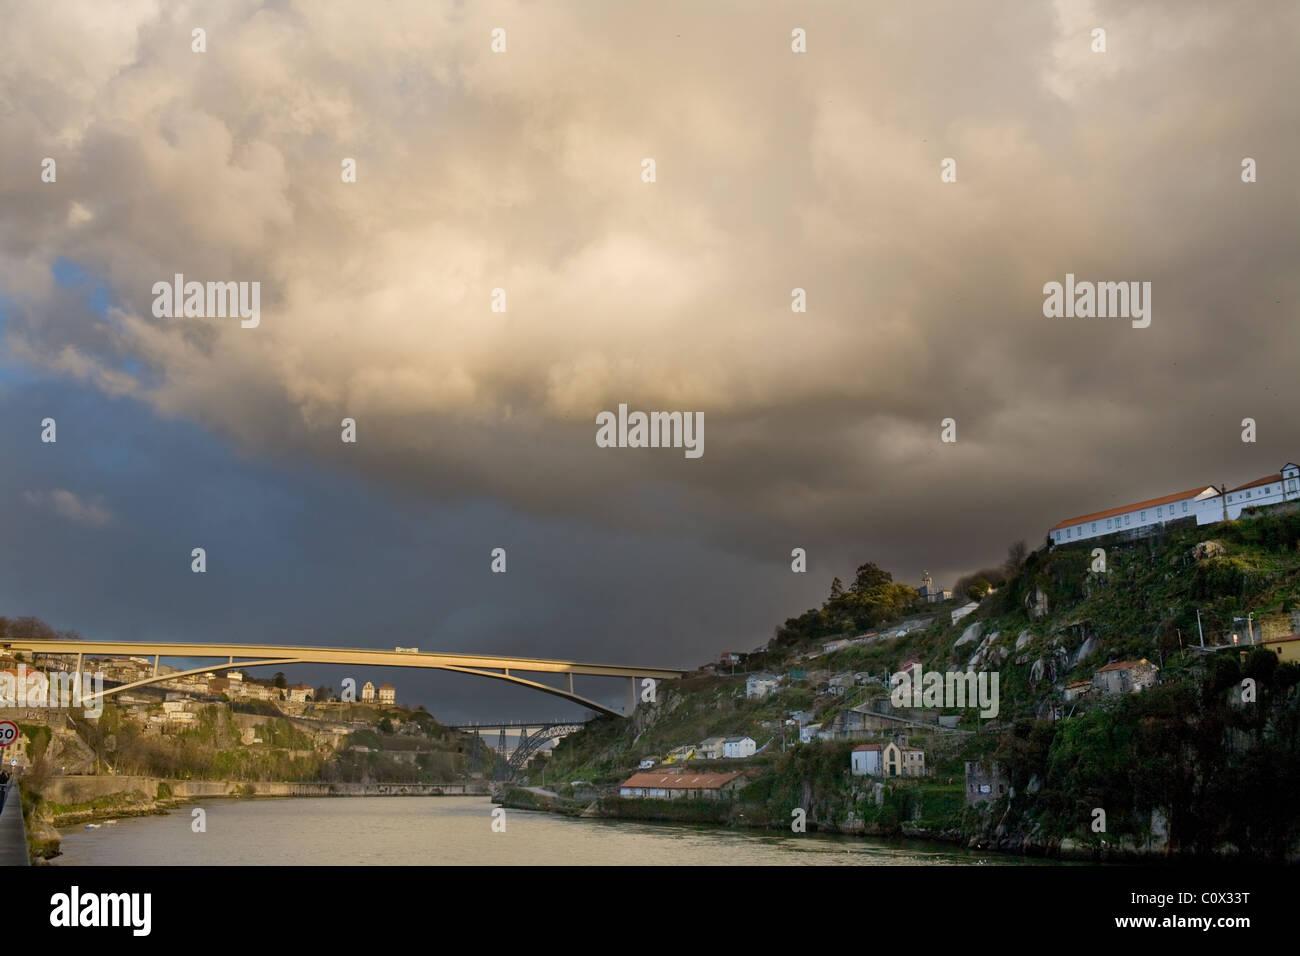 Douro River and Ponte Do Infante Bridge, Oporto, Portugal - Stock Image